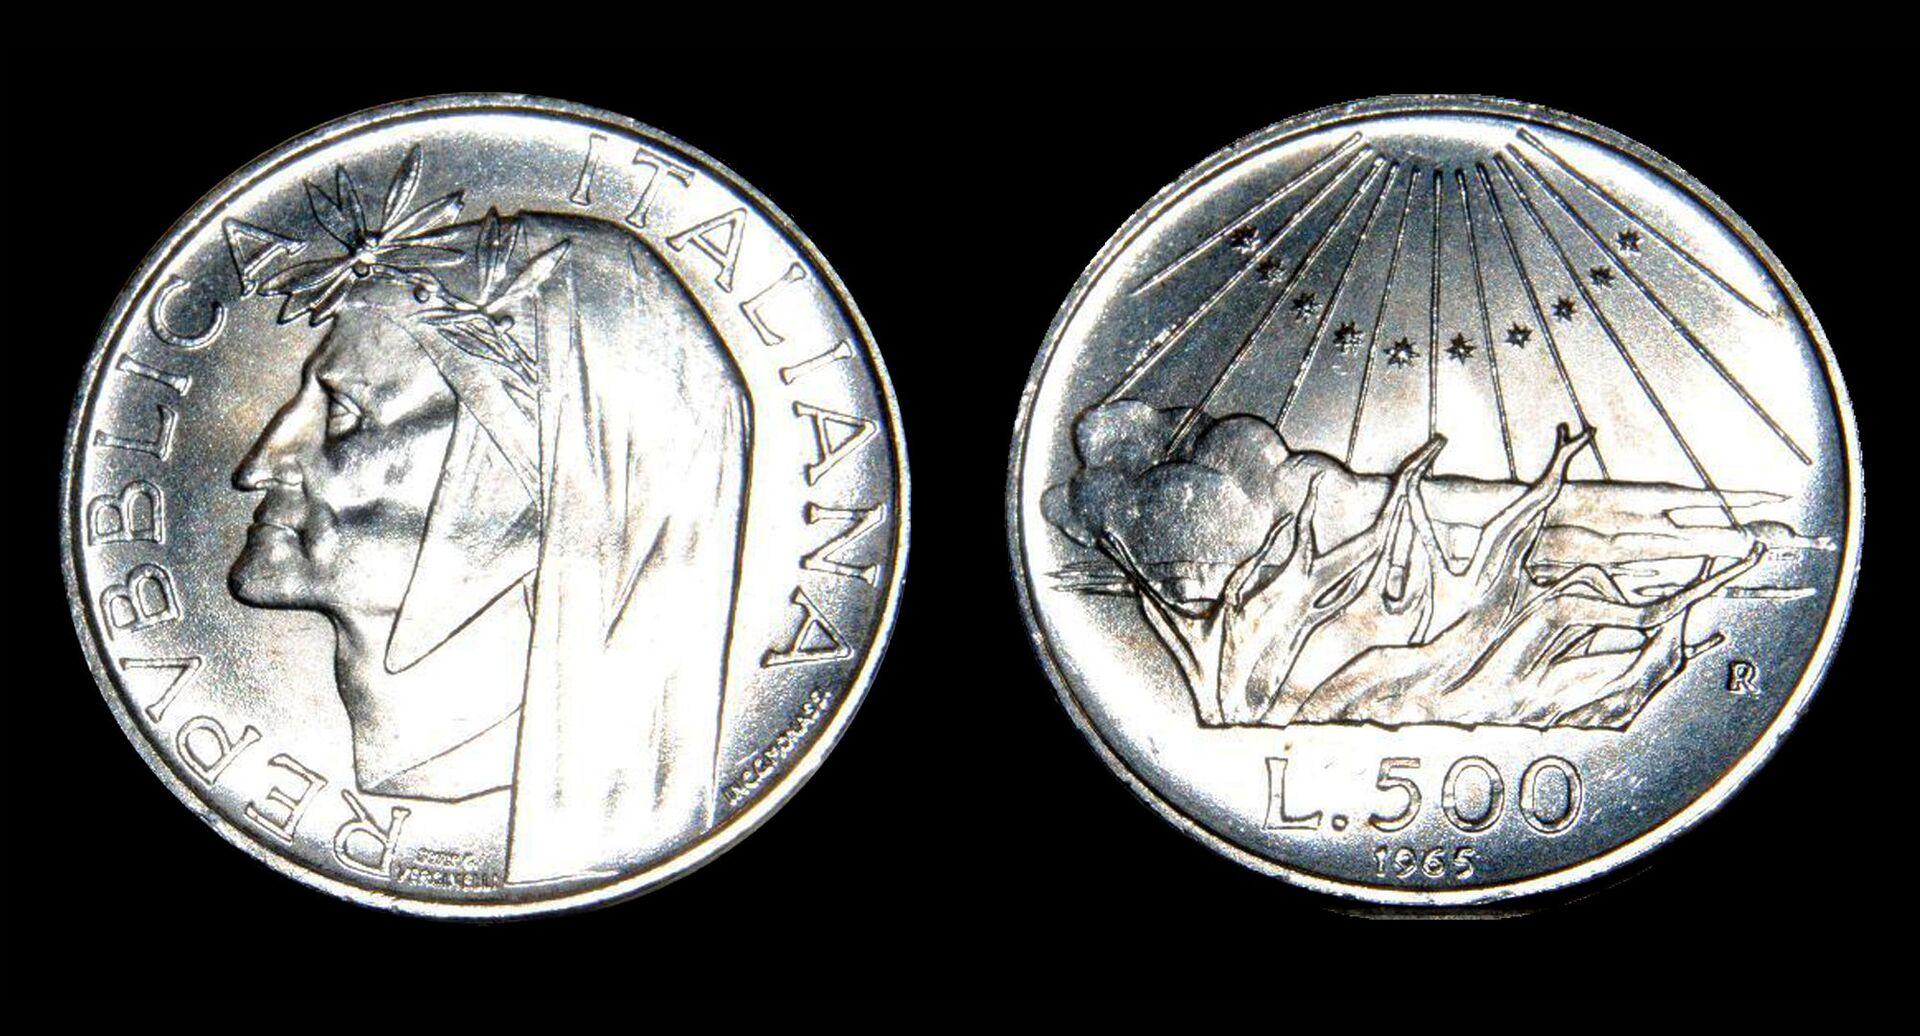 Controlla bene la tua moneta da 500 Lire di Dante Alighieri, potrebbe valere una fortuna  - Sputnik Italia, 1920, 09.03.2021